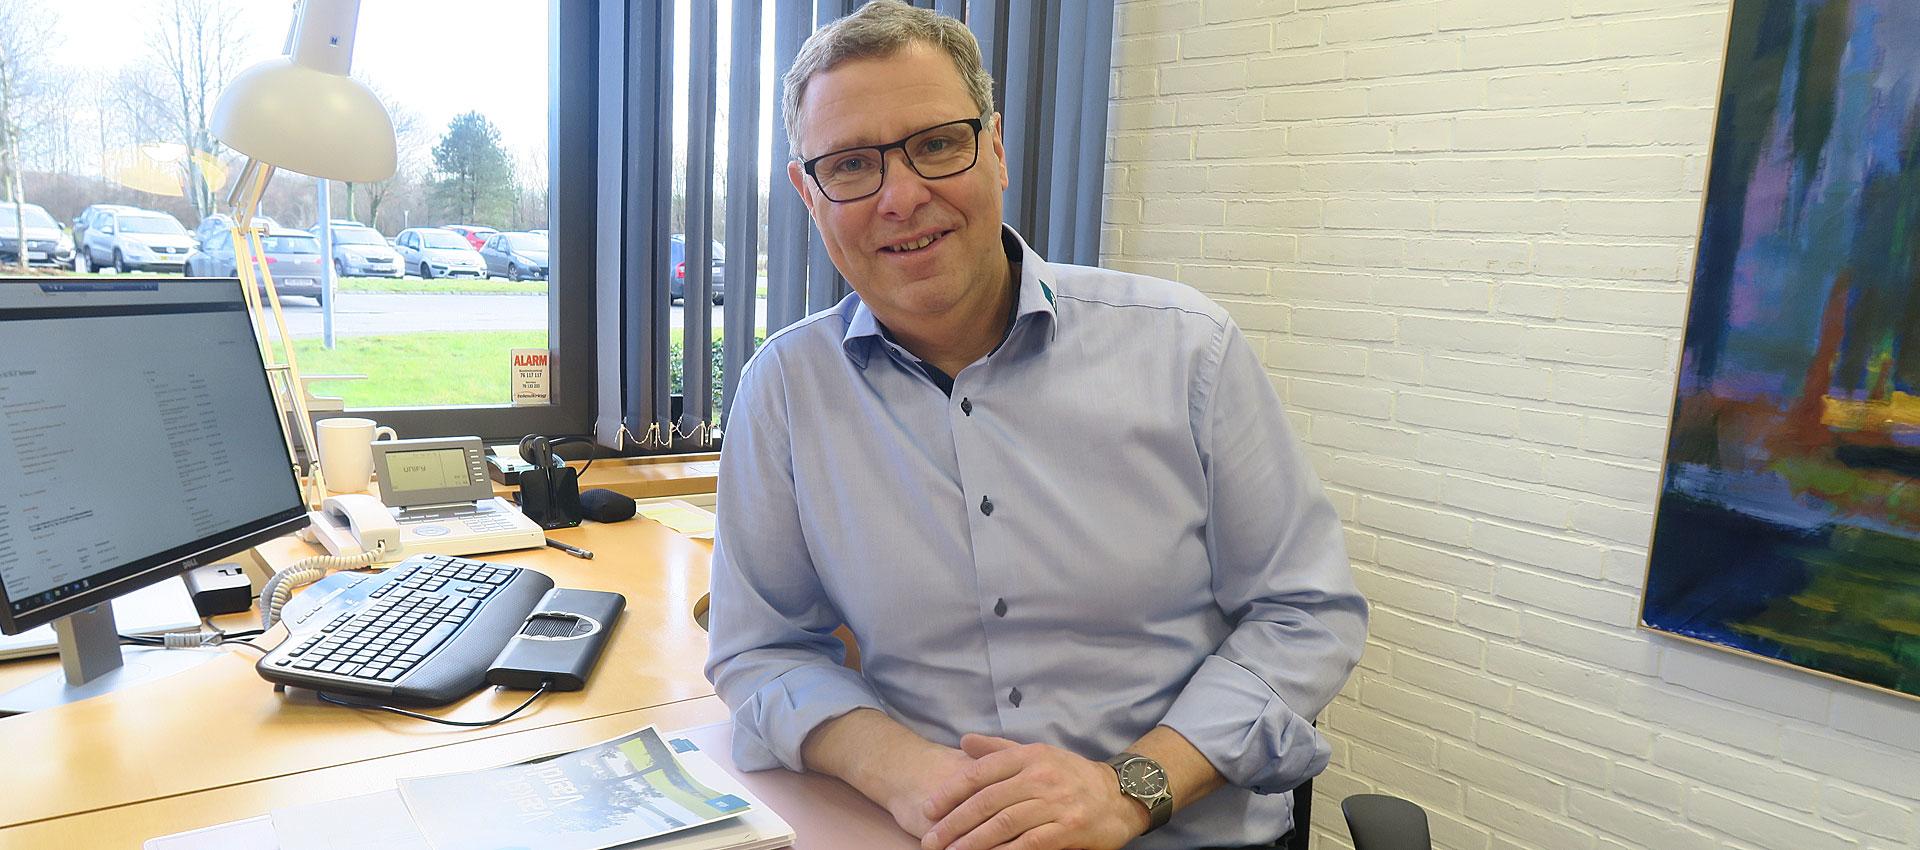 SLF (Sønderjysk Landboforening) ser tilbage på et travlt år og kan se frem til endnu et forandringsrigt 2018, hvor særligt digitalisering og en forbedret kundeservice vil blive endnu mere vigtig for konkurrenceevnen.